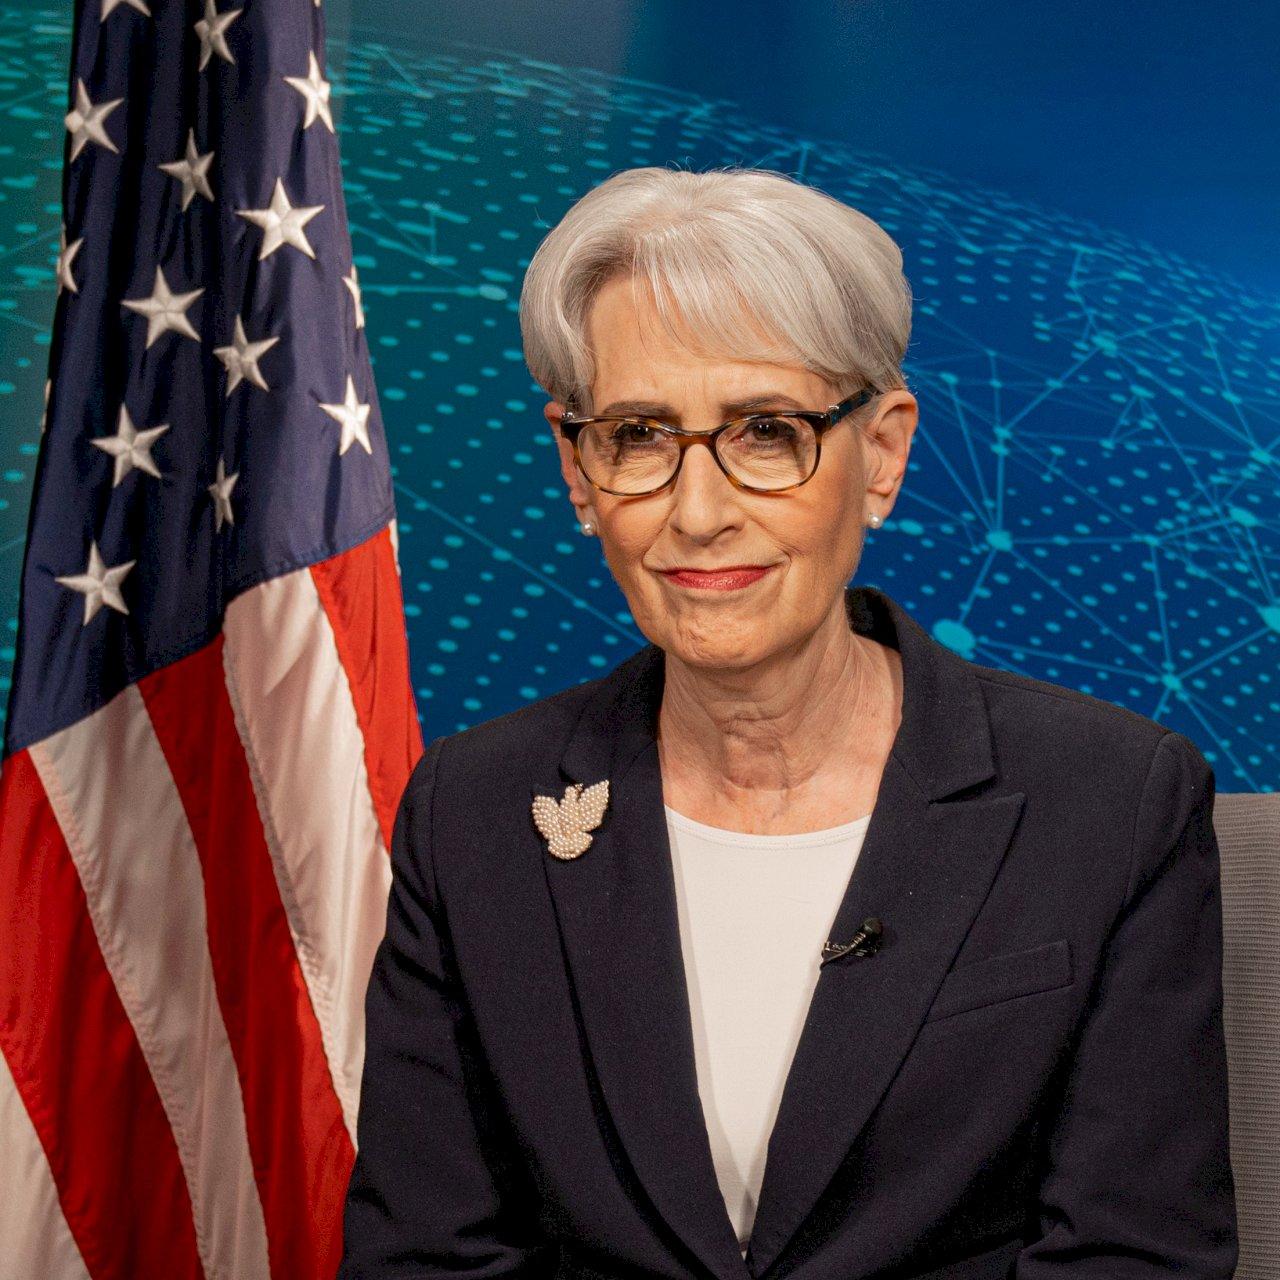 美國副國務卿下週訪問亞洲卻過中國而不入